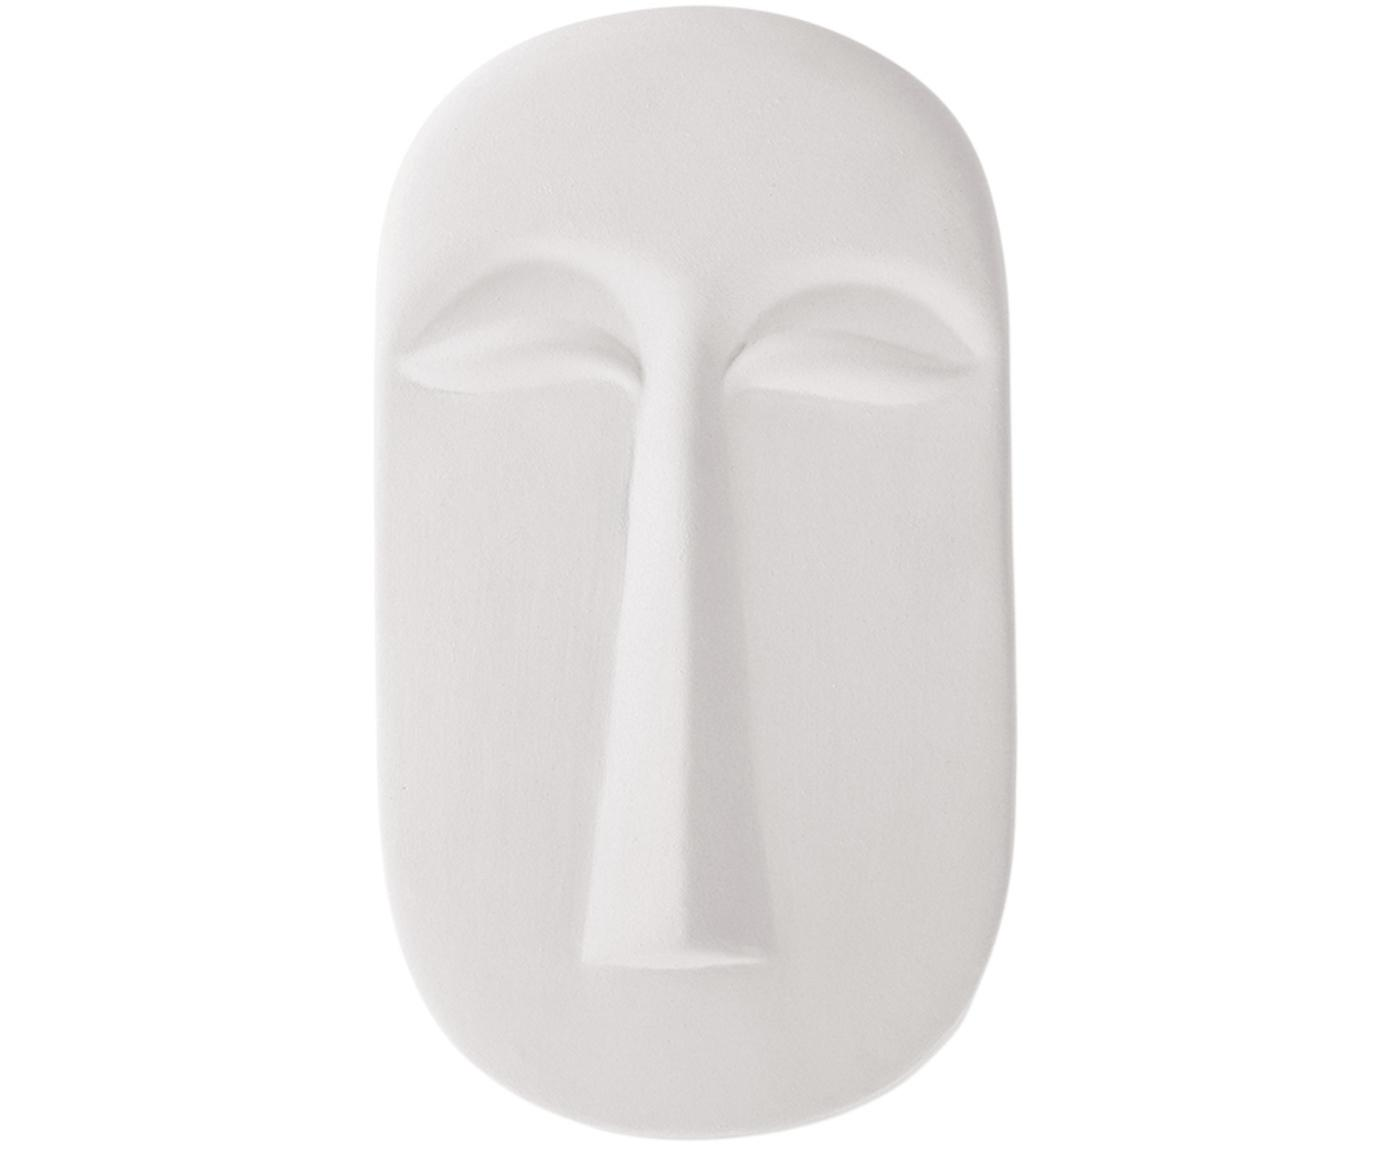 Decorazione da parete in ceramica Mask, Ceramica, Bianco, Larg. 13 x Prof. 24 cm